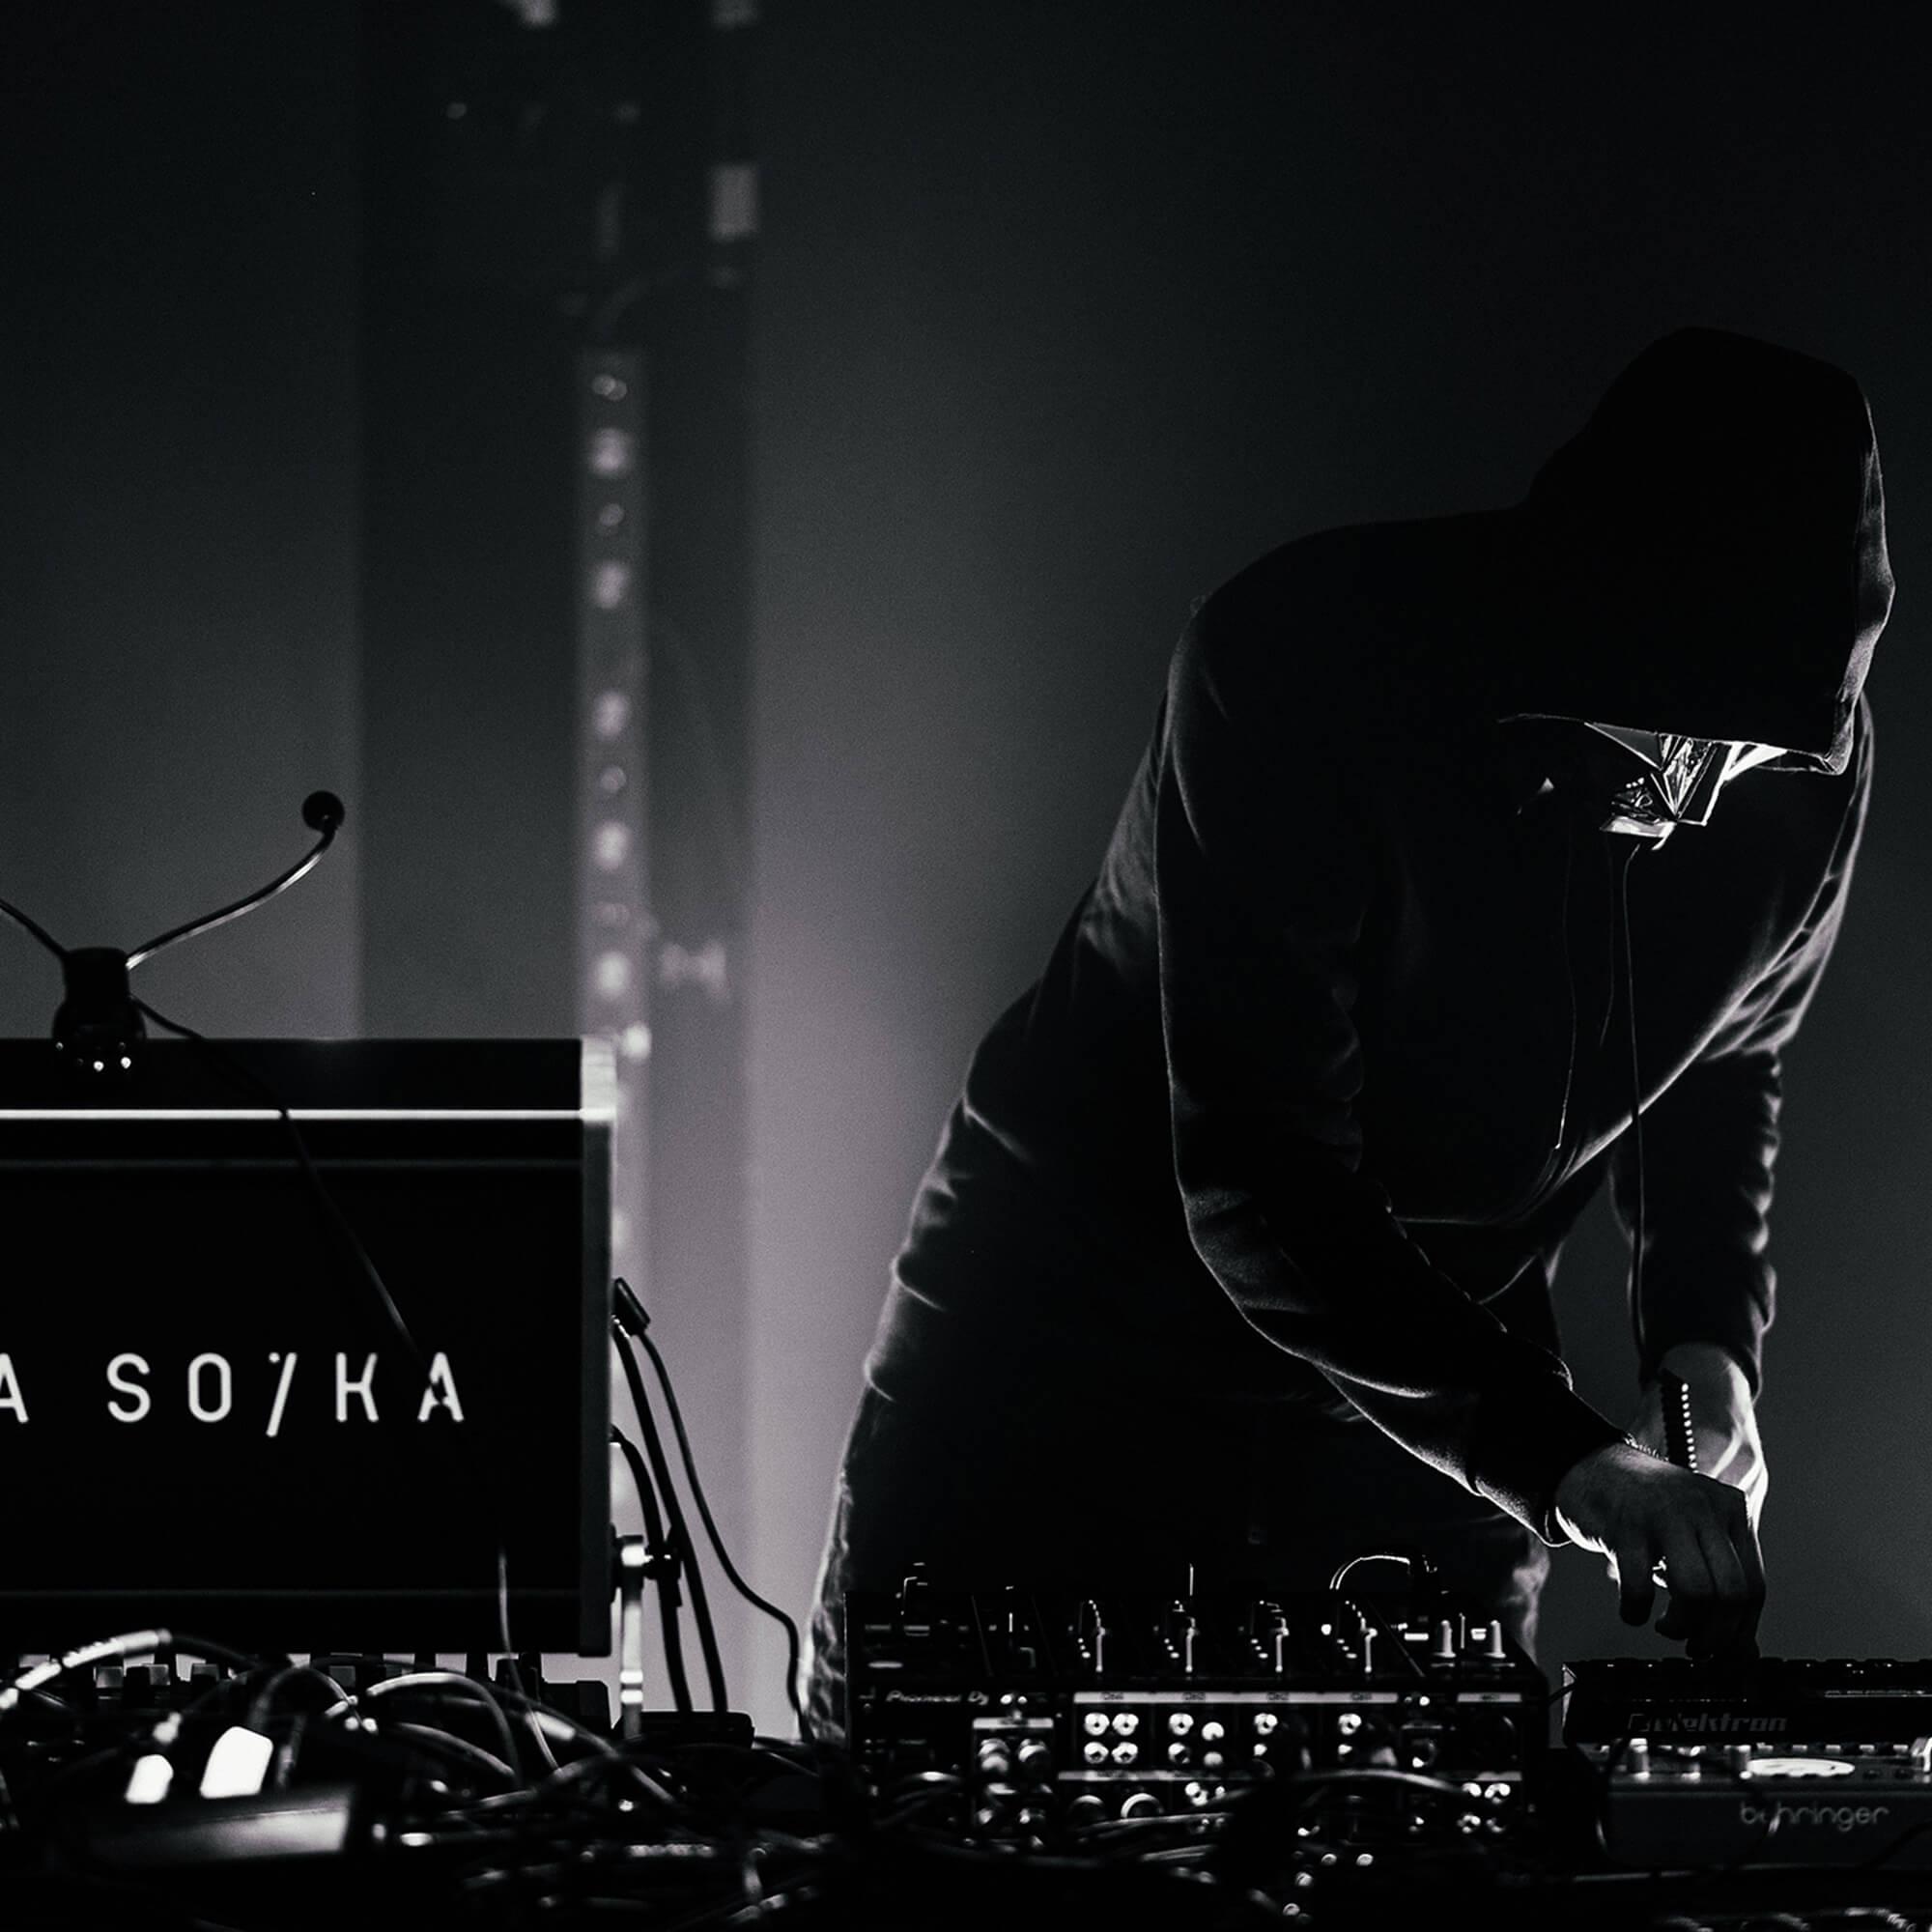 Kuba Sojka aka Poly Face live set